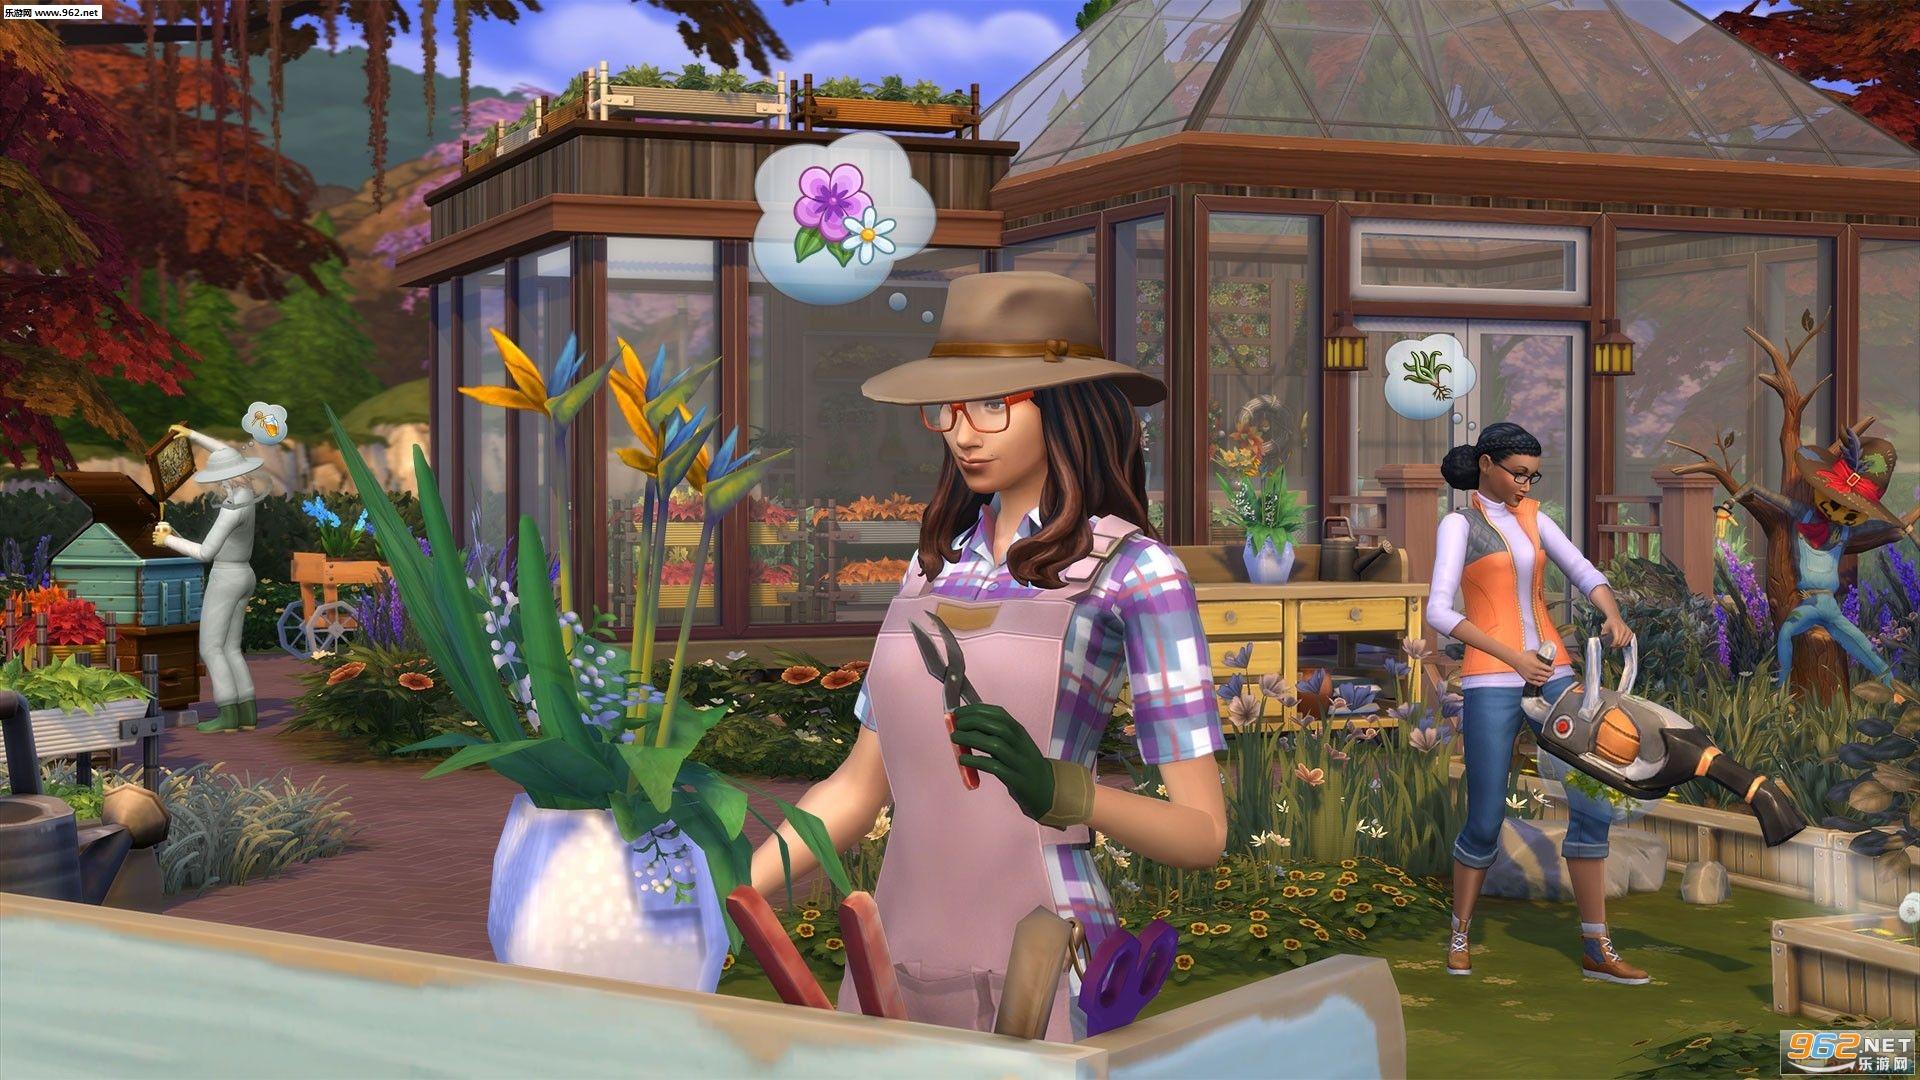 模拟人生4:春夏秋冬(The Sims 4: Seasons)DLC合集版截图8